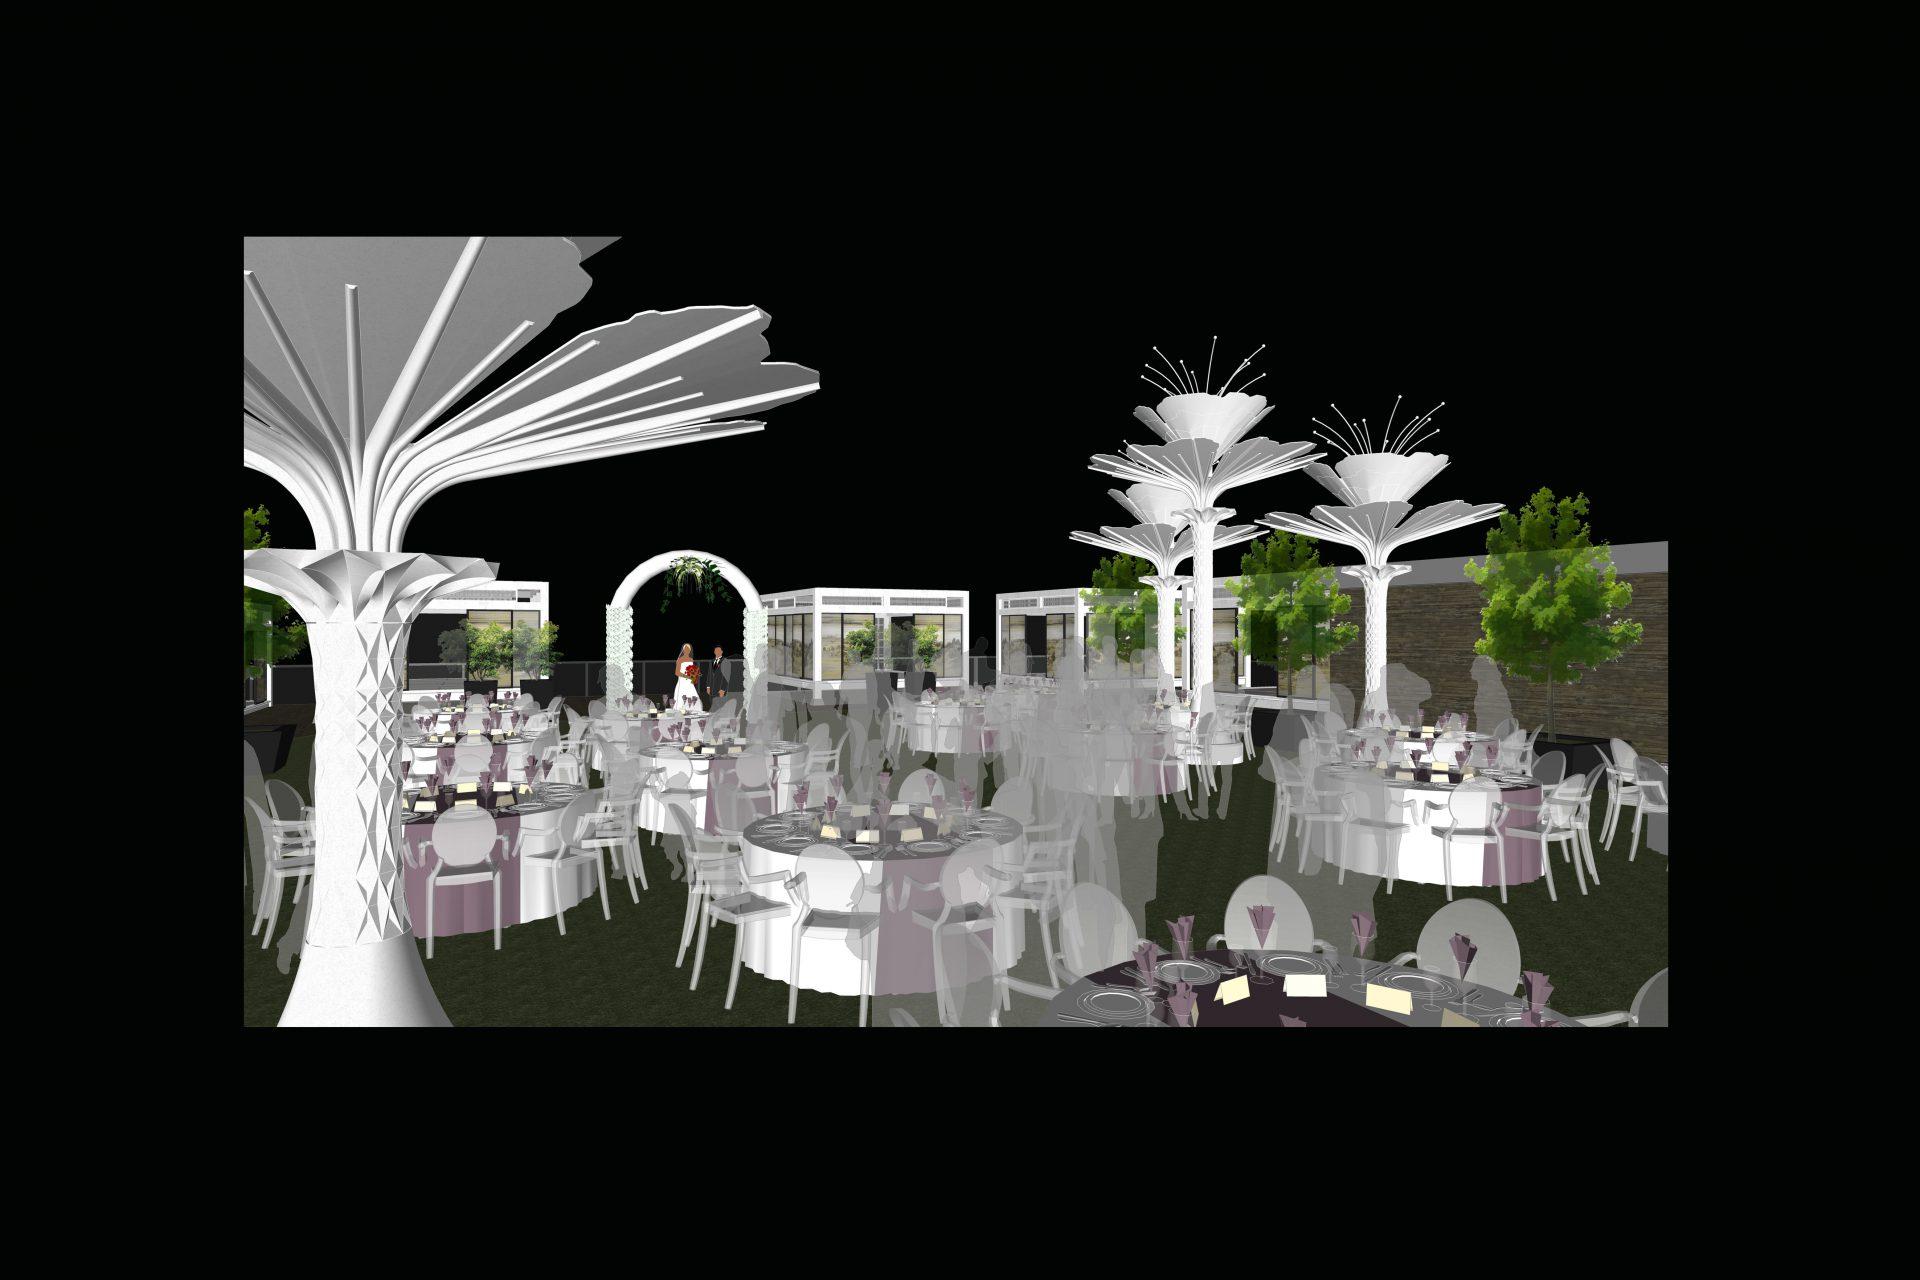 Ứng dụng cây U-TREE tại tiệc cưới